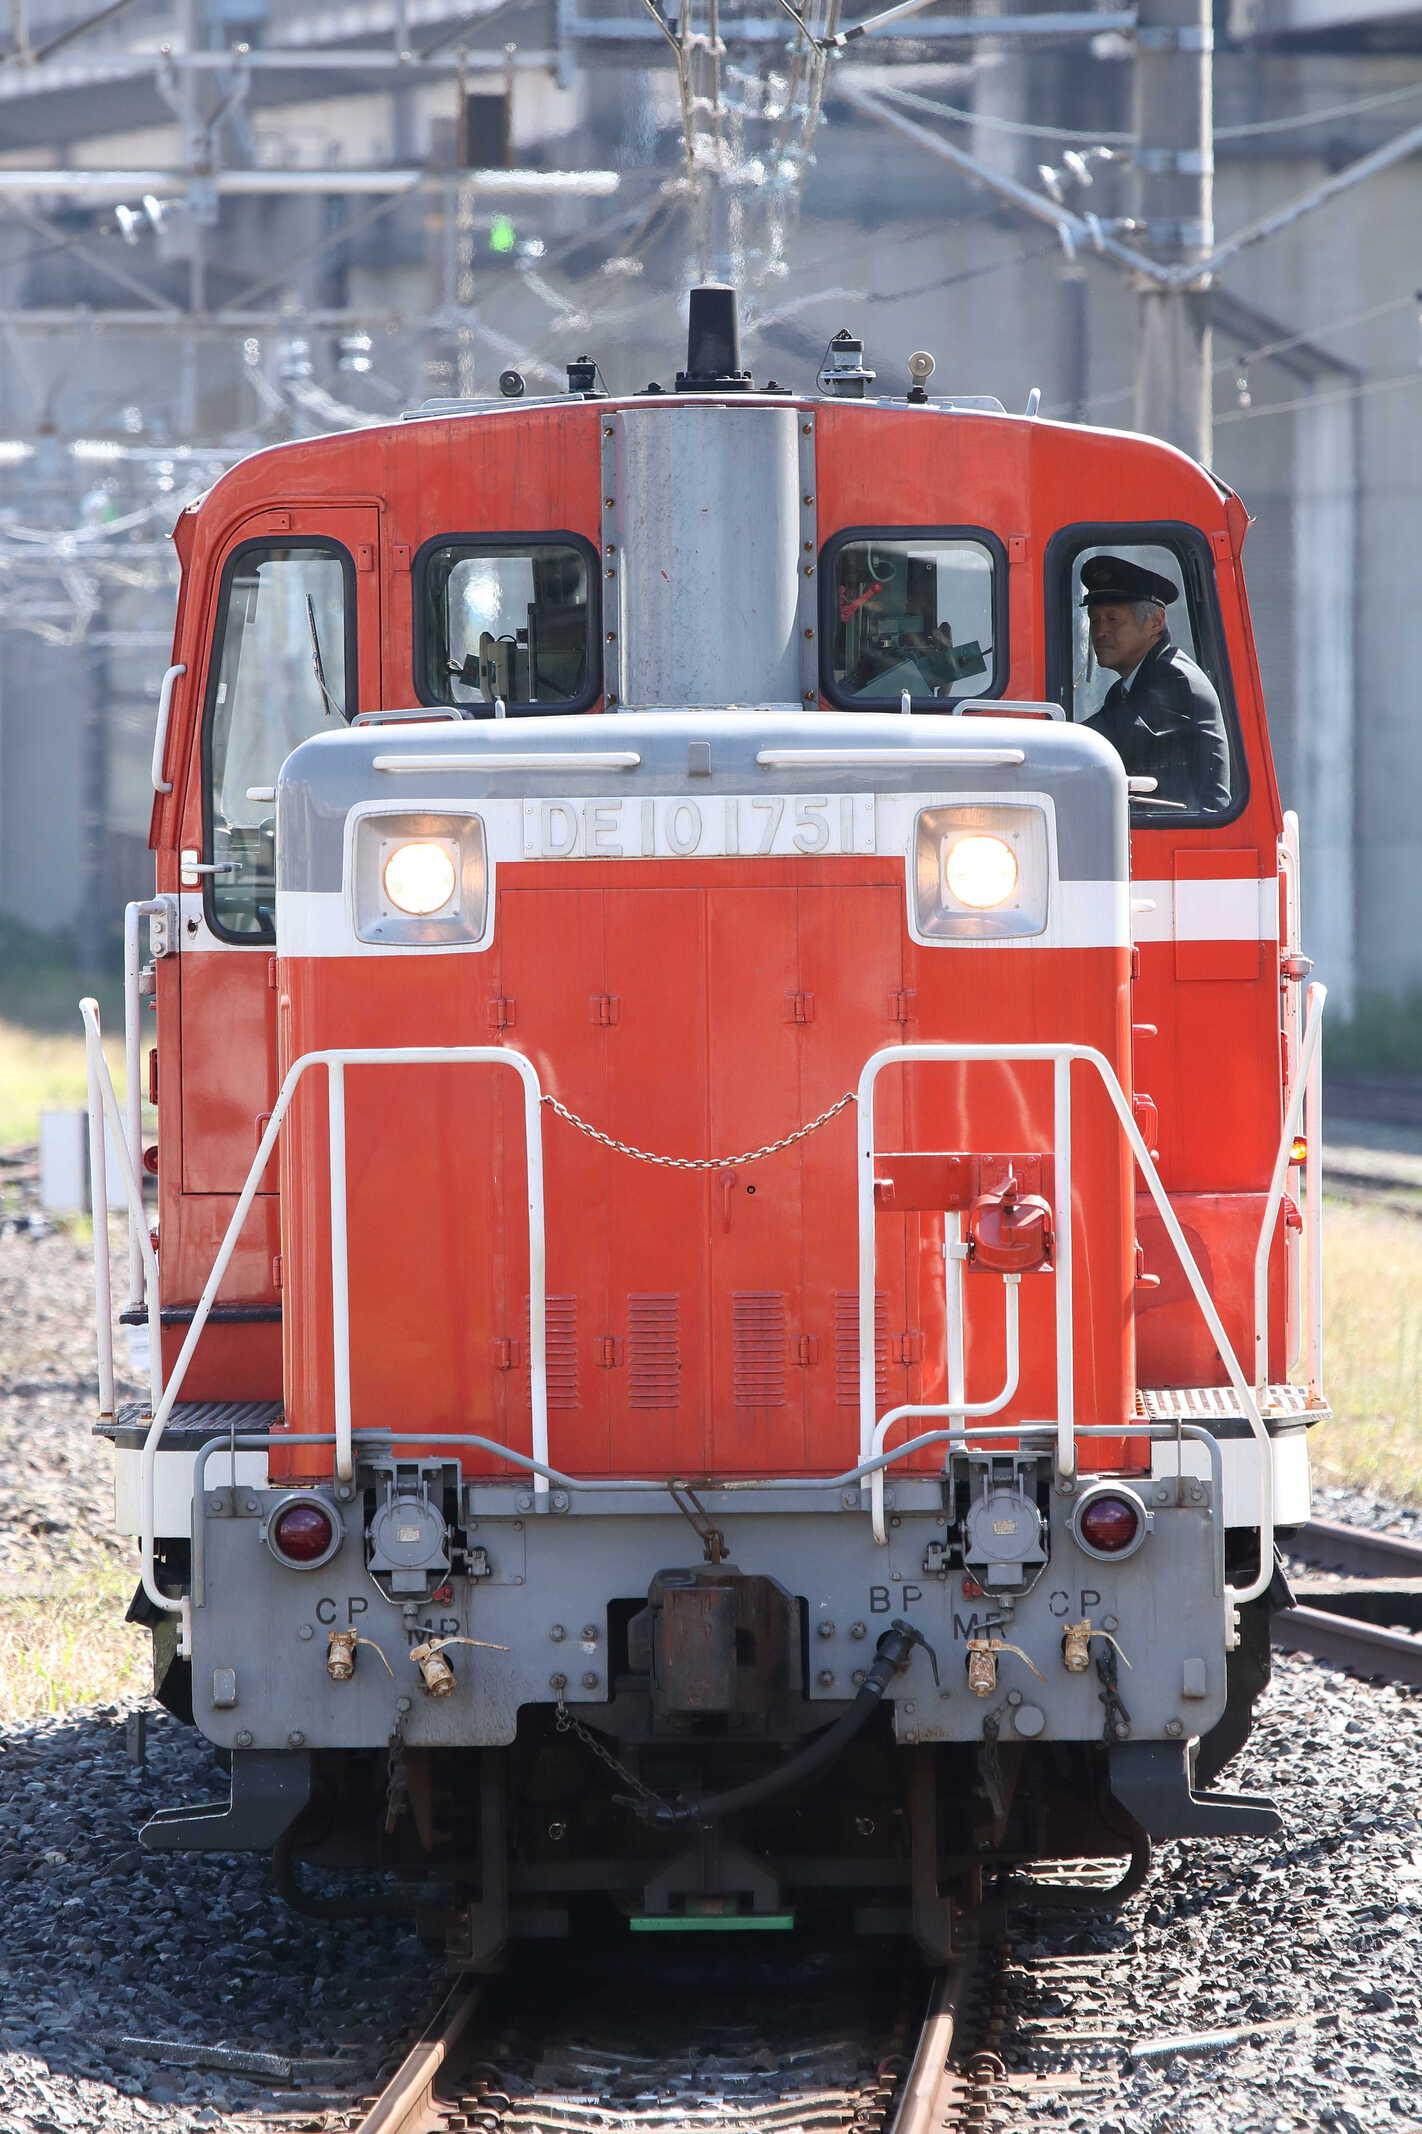 単9529列車〜単8929列車 田端所常駐機交換 DE10-1751[高]